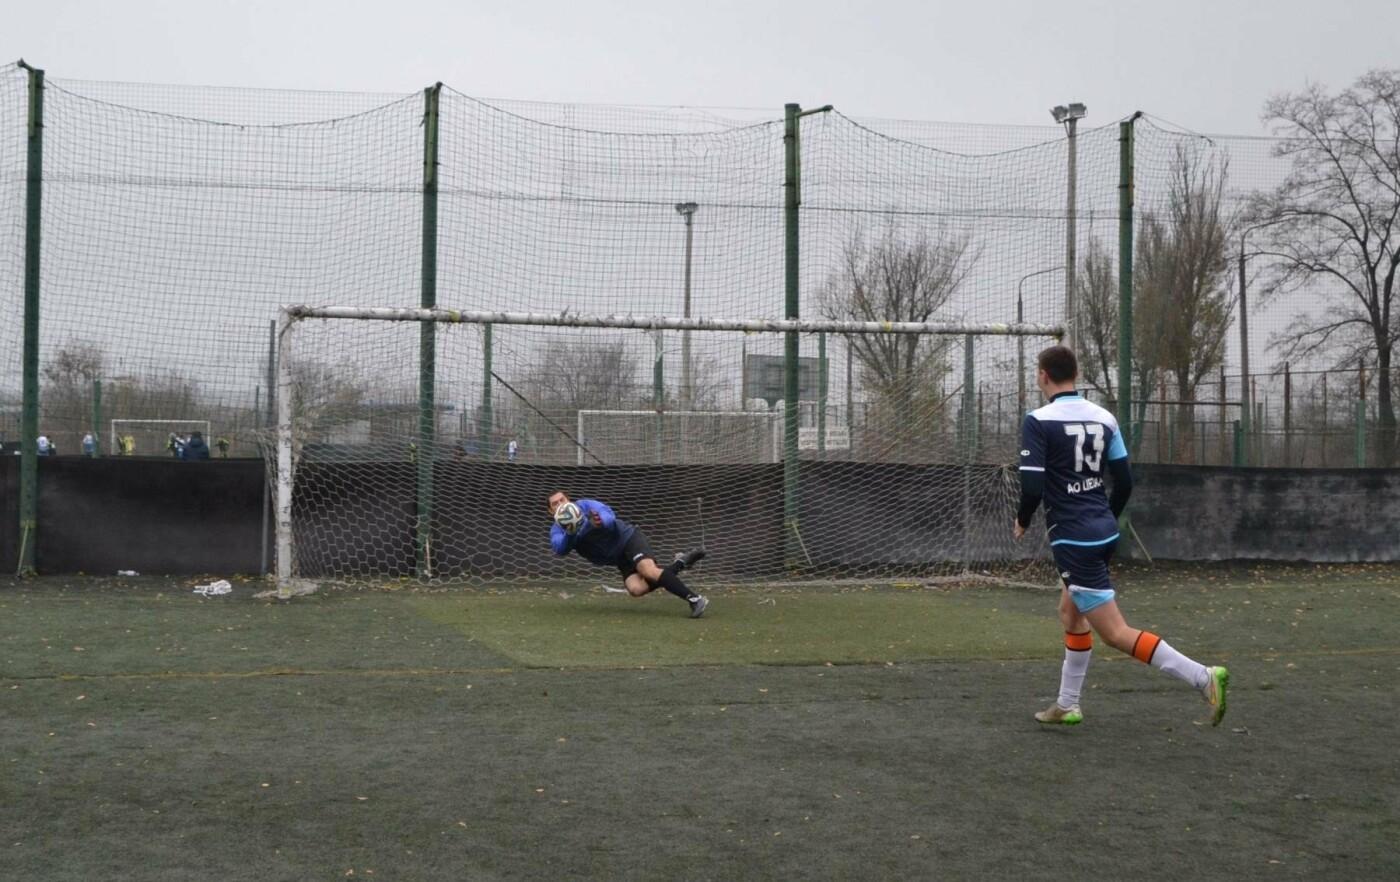 Молодежная футбольная Лига Запорожья успешно завершила свой летний сезон при финансовой поддержке мецената Александра Богуслаева, фото-5